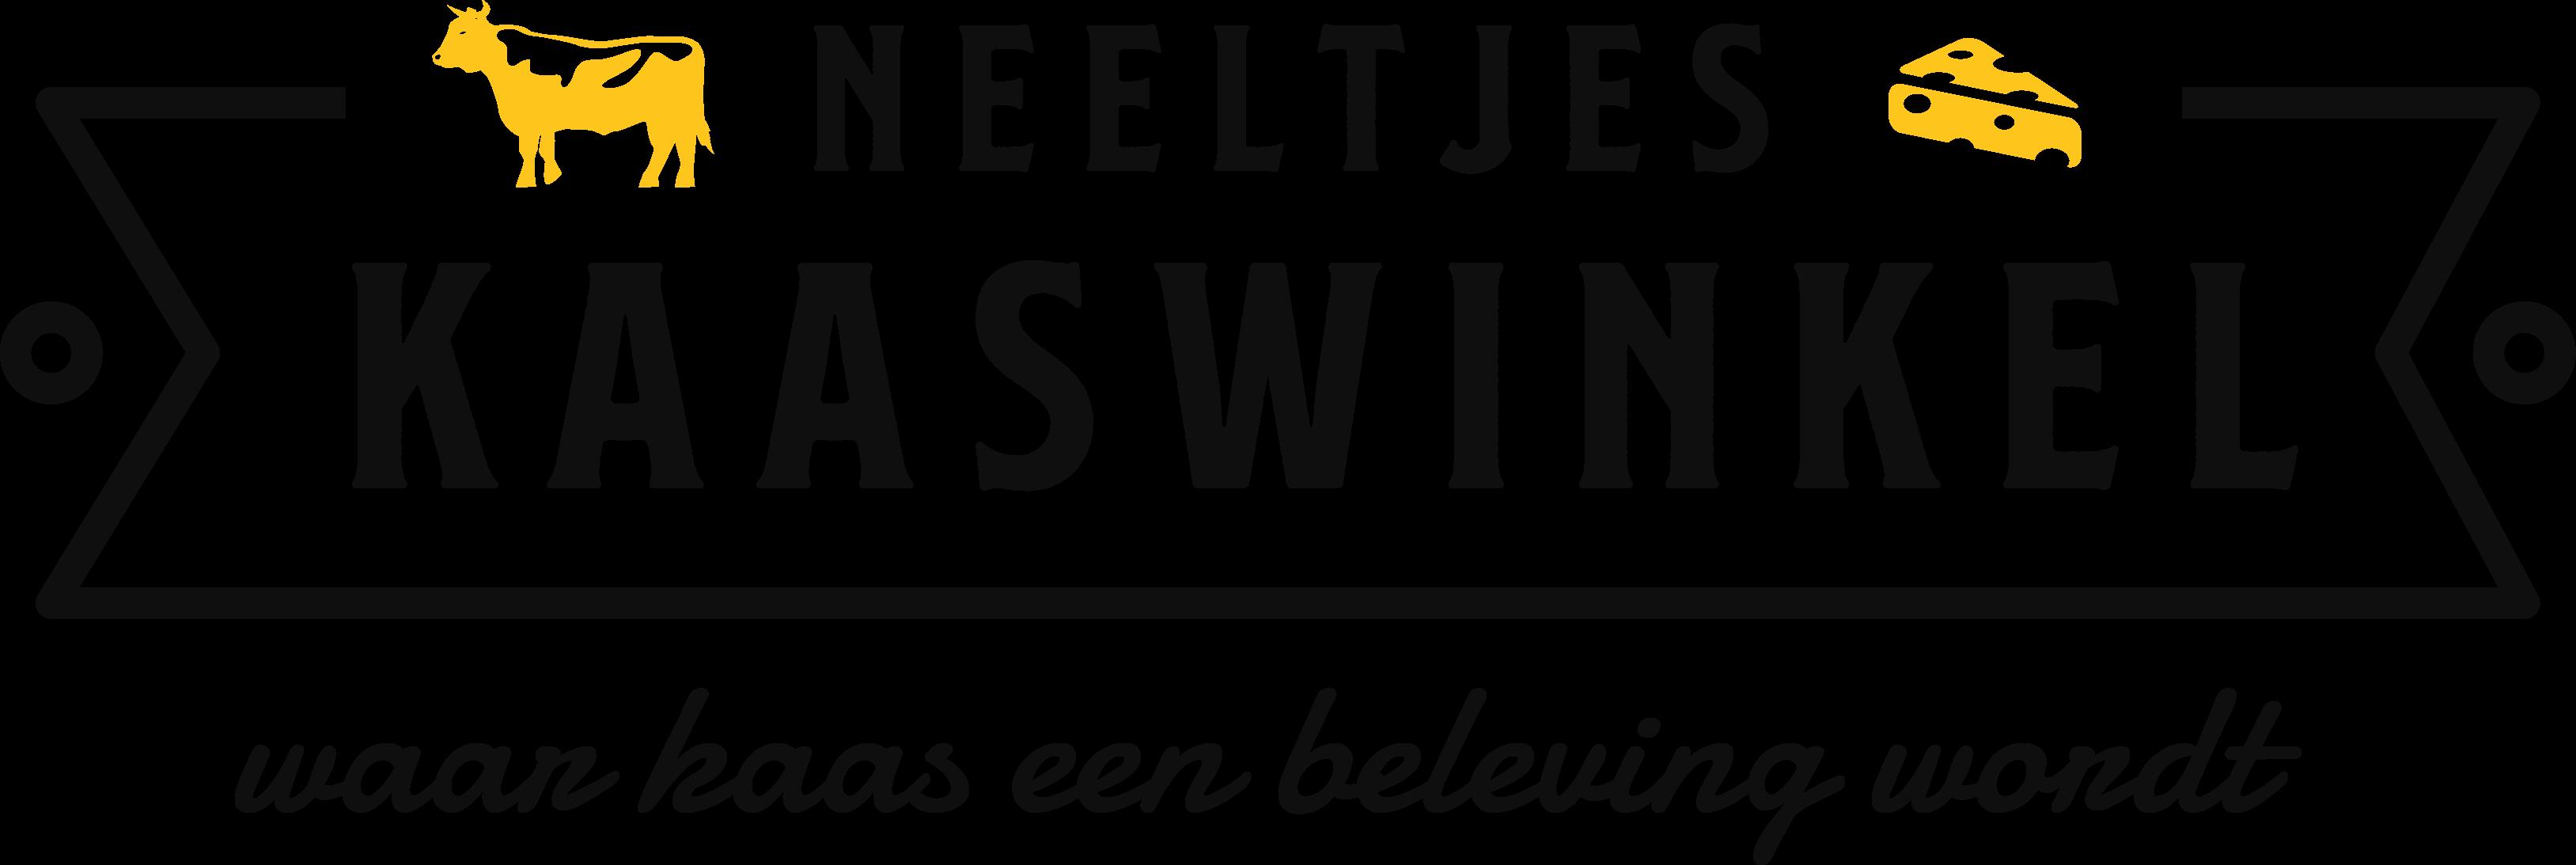 Neeltjes Kaaswinkel